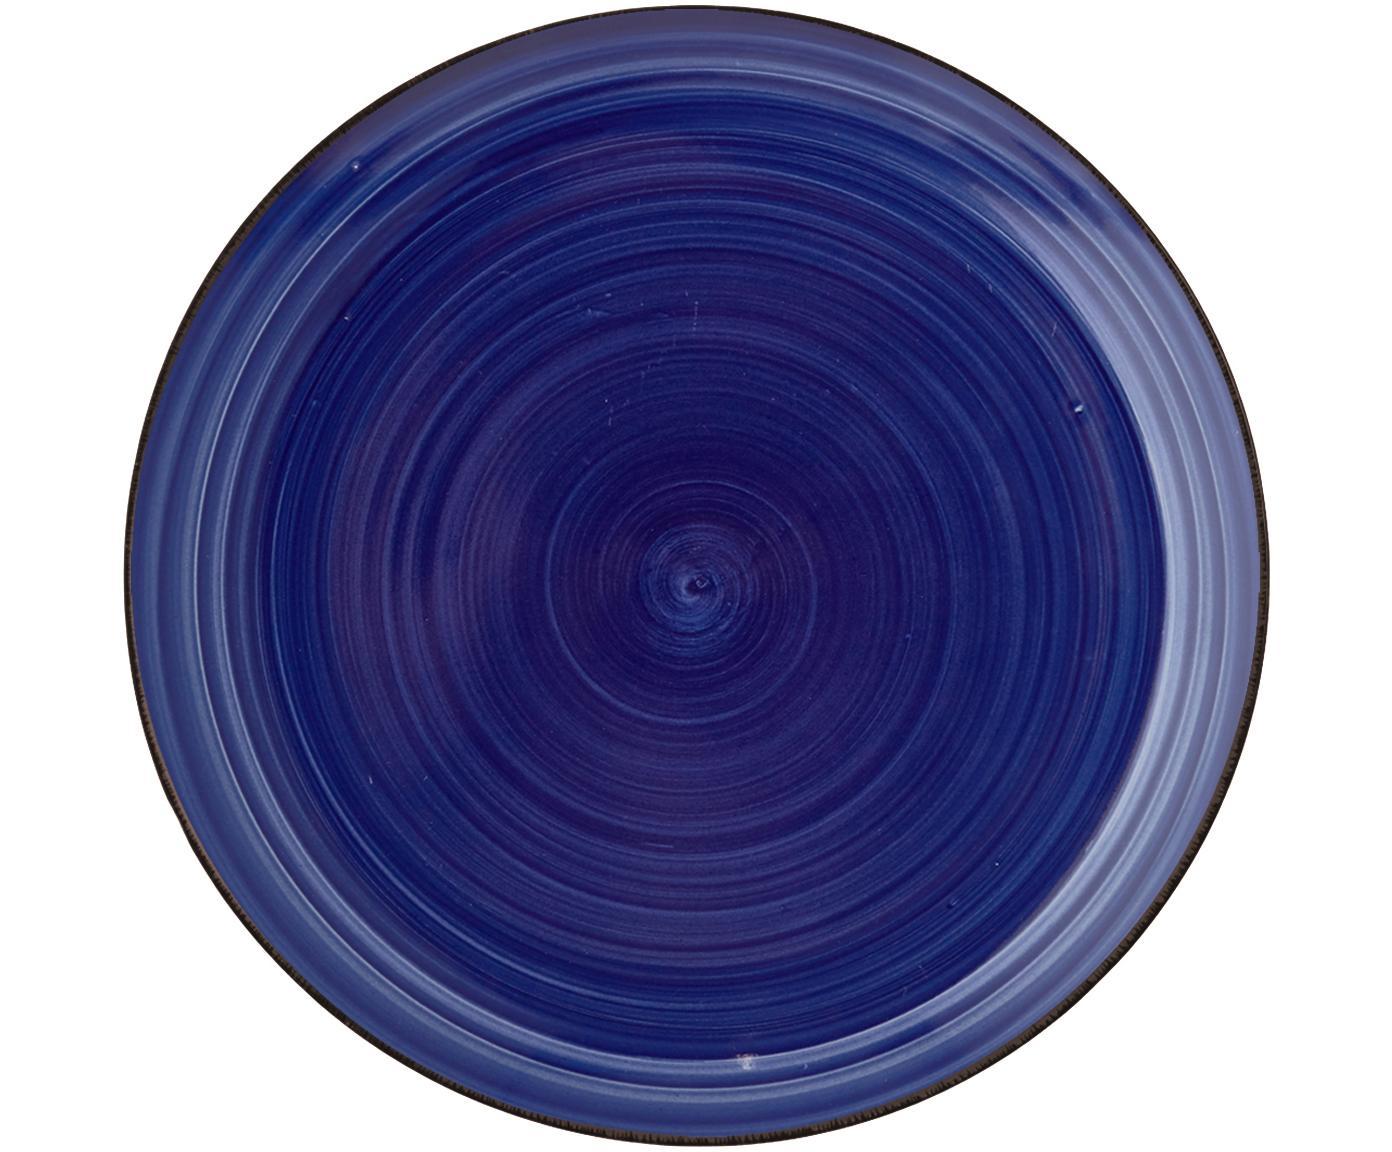 Platos postre Baita, 6uds., Gres, pintadaamano, Azul, Ø 20 cm